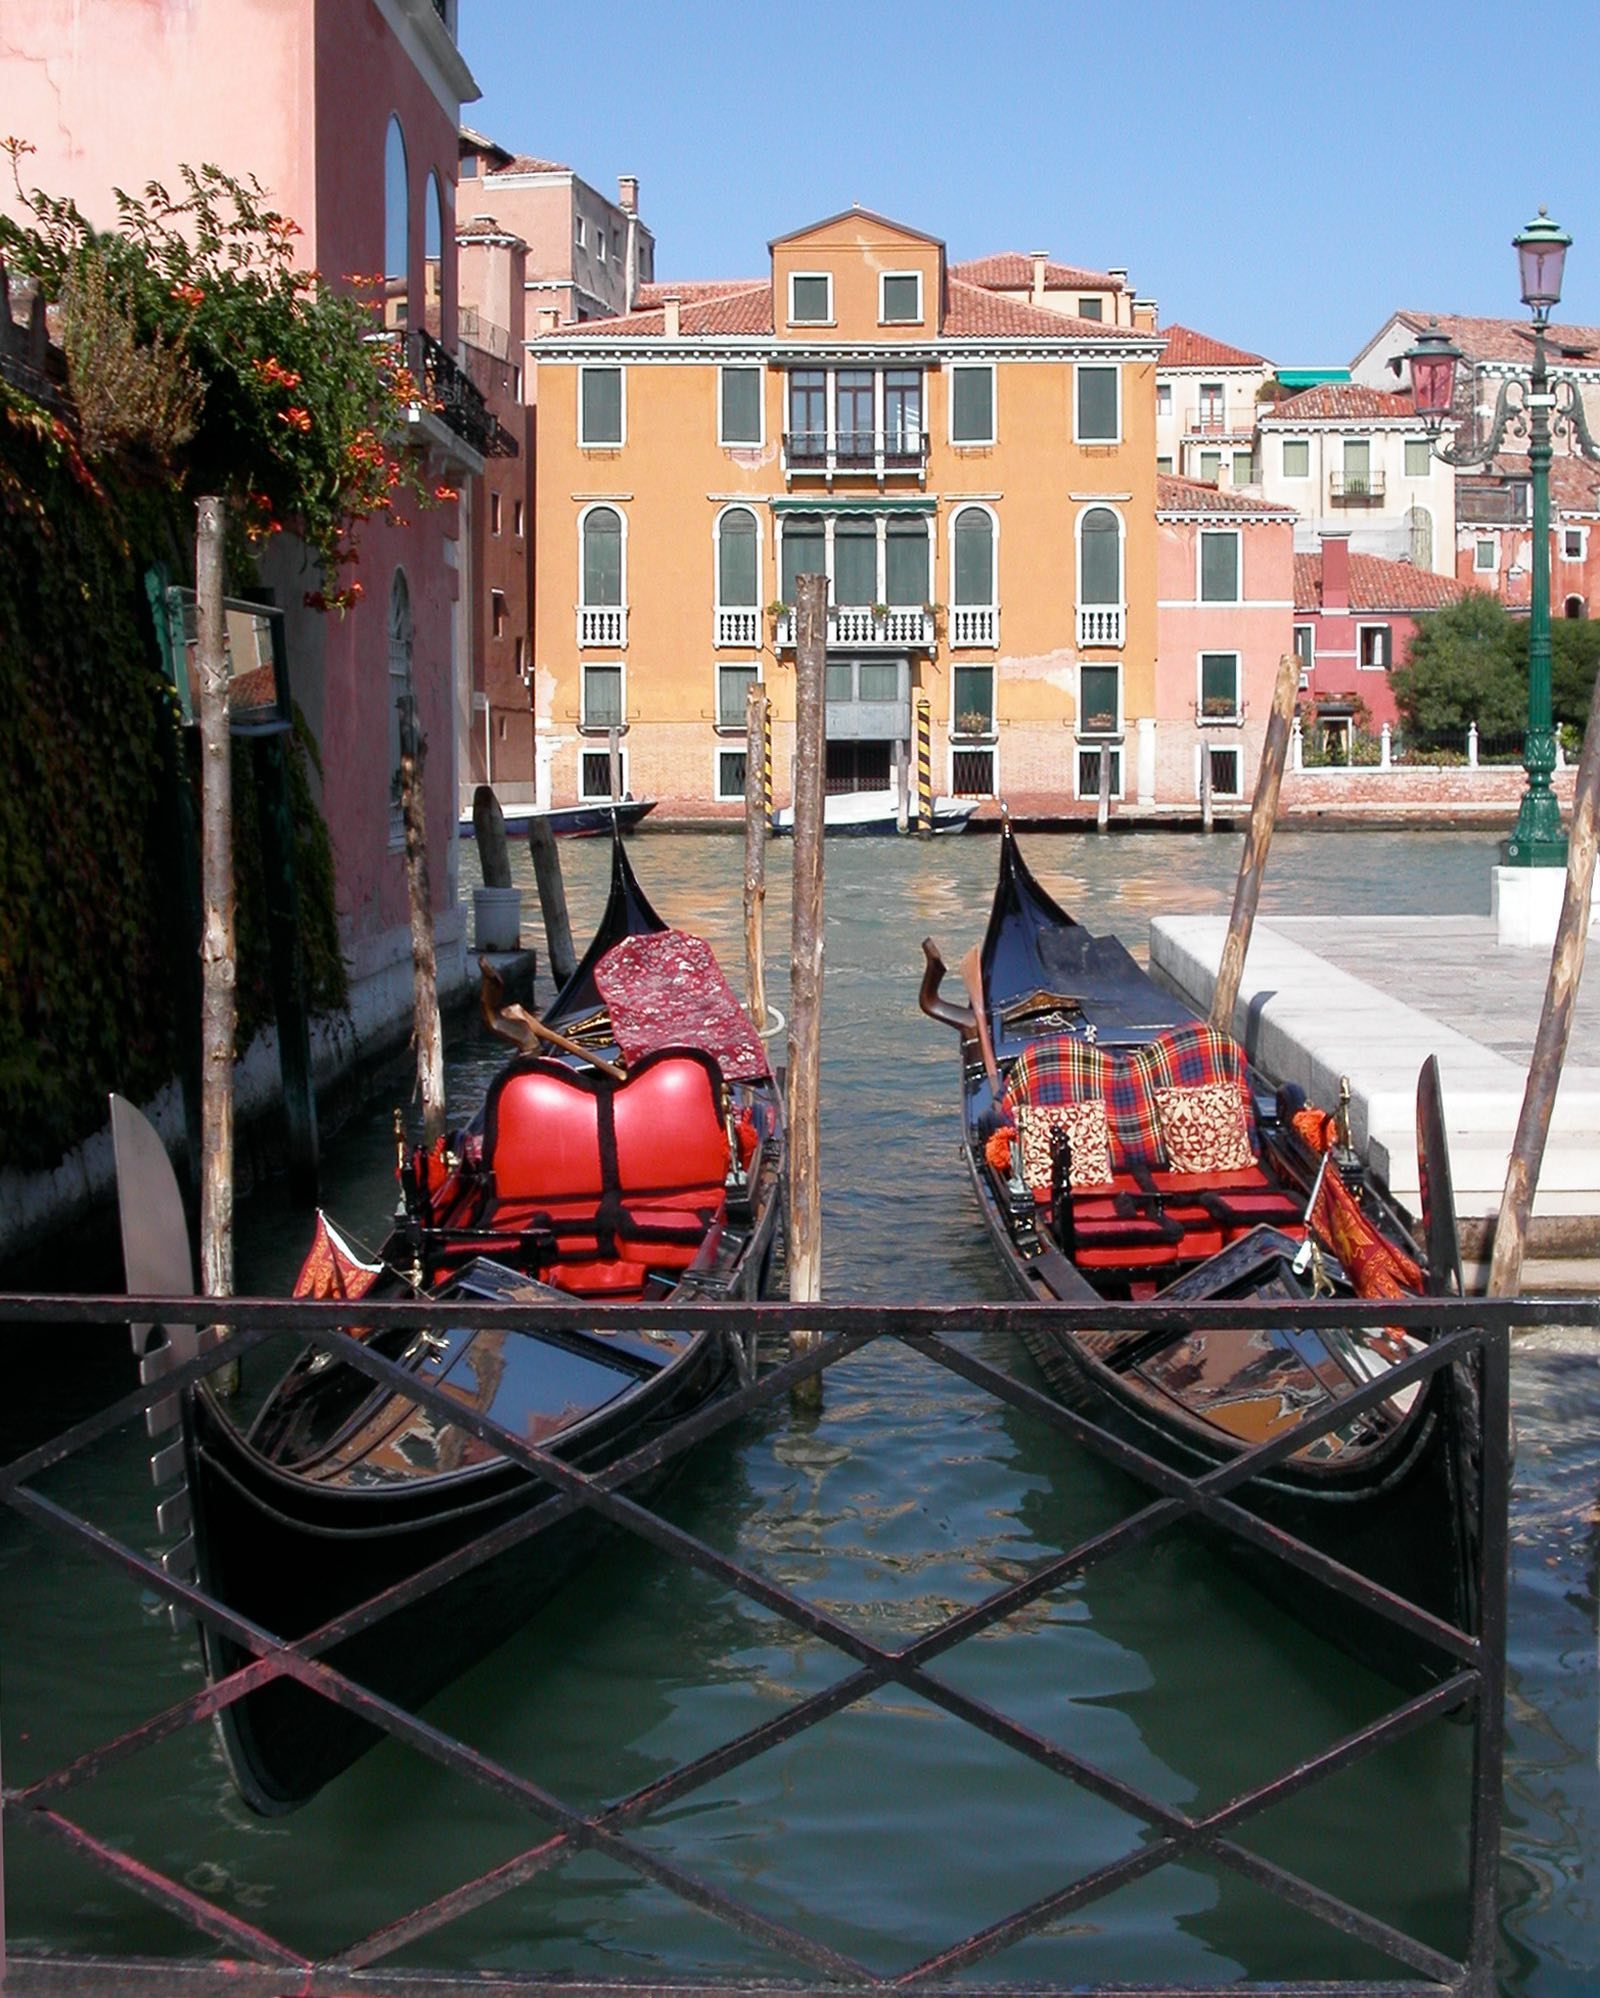 Docked Gondolas (Venice, Italy)